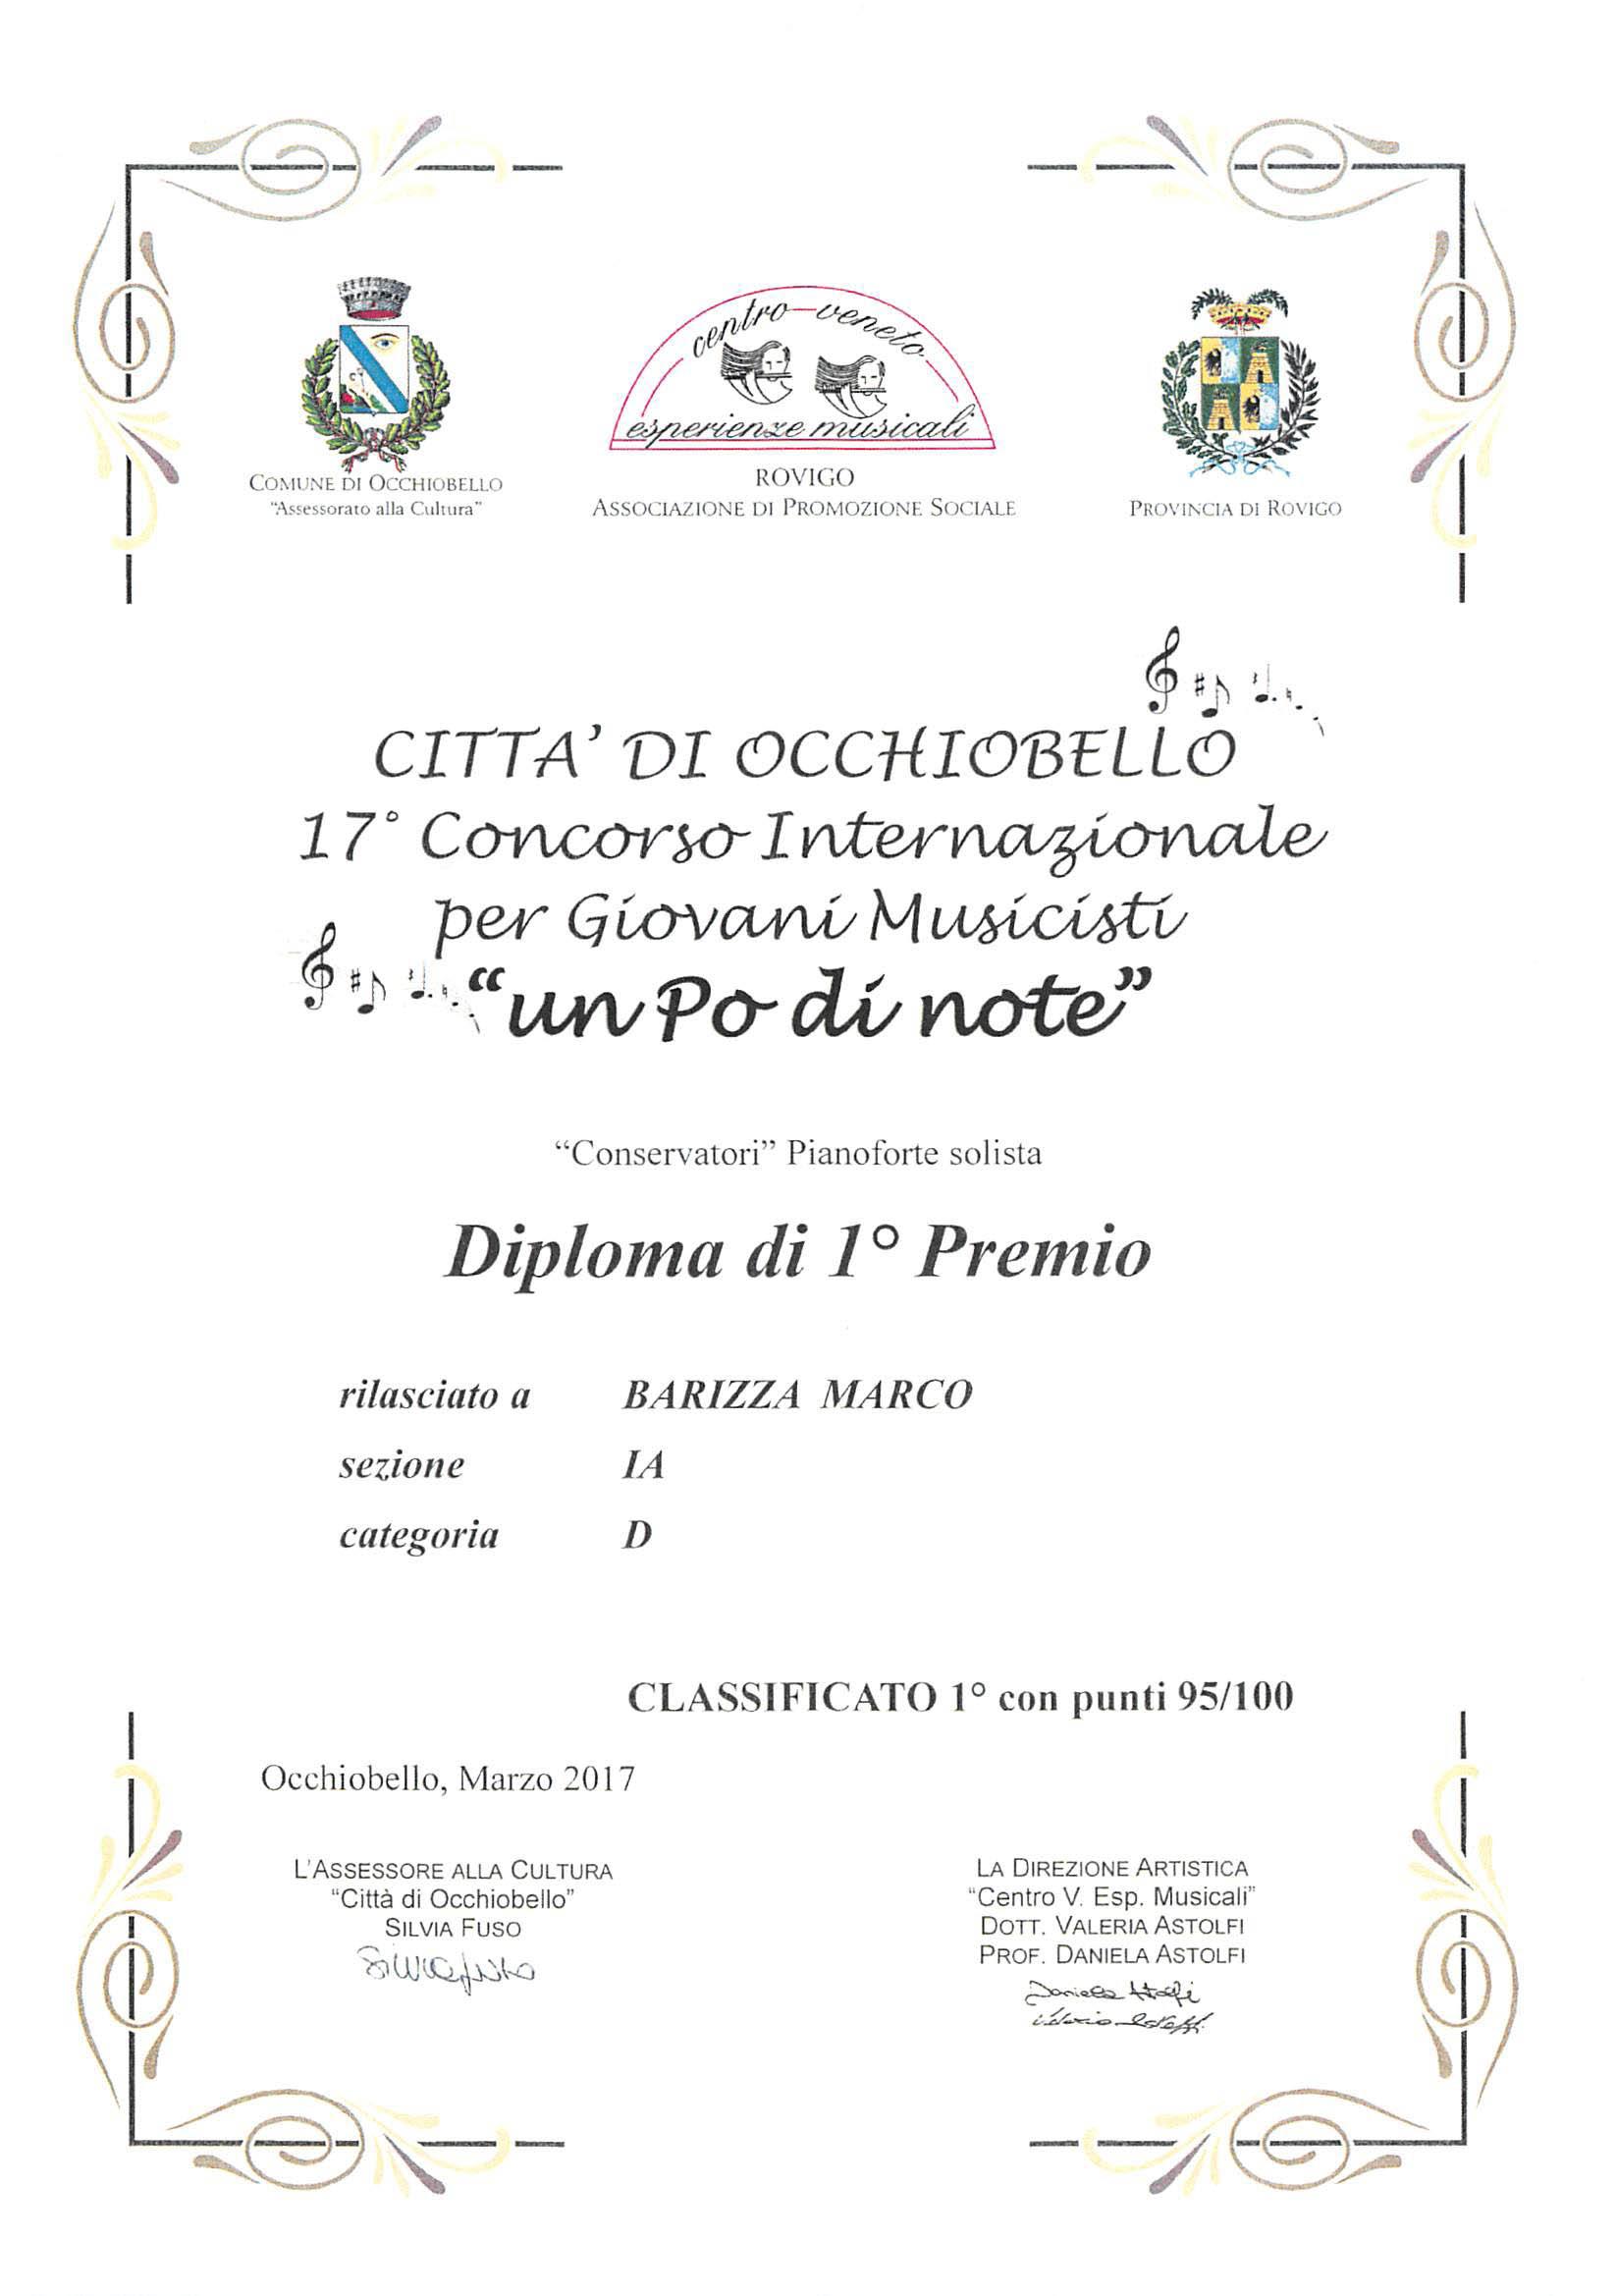 """Marco Barizza, 1° premio 17° Concorso Internazionale per Giovani Musicisti """"un Po di note"""" – Città di Occhiobello, marzo 2017"""